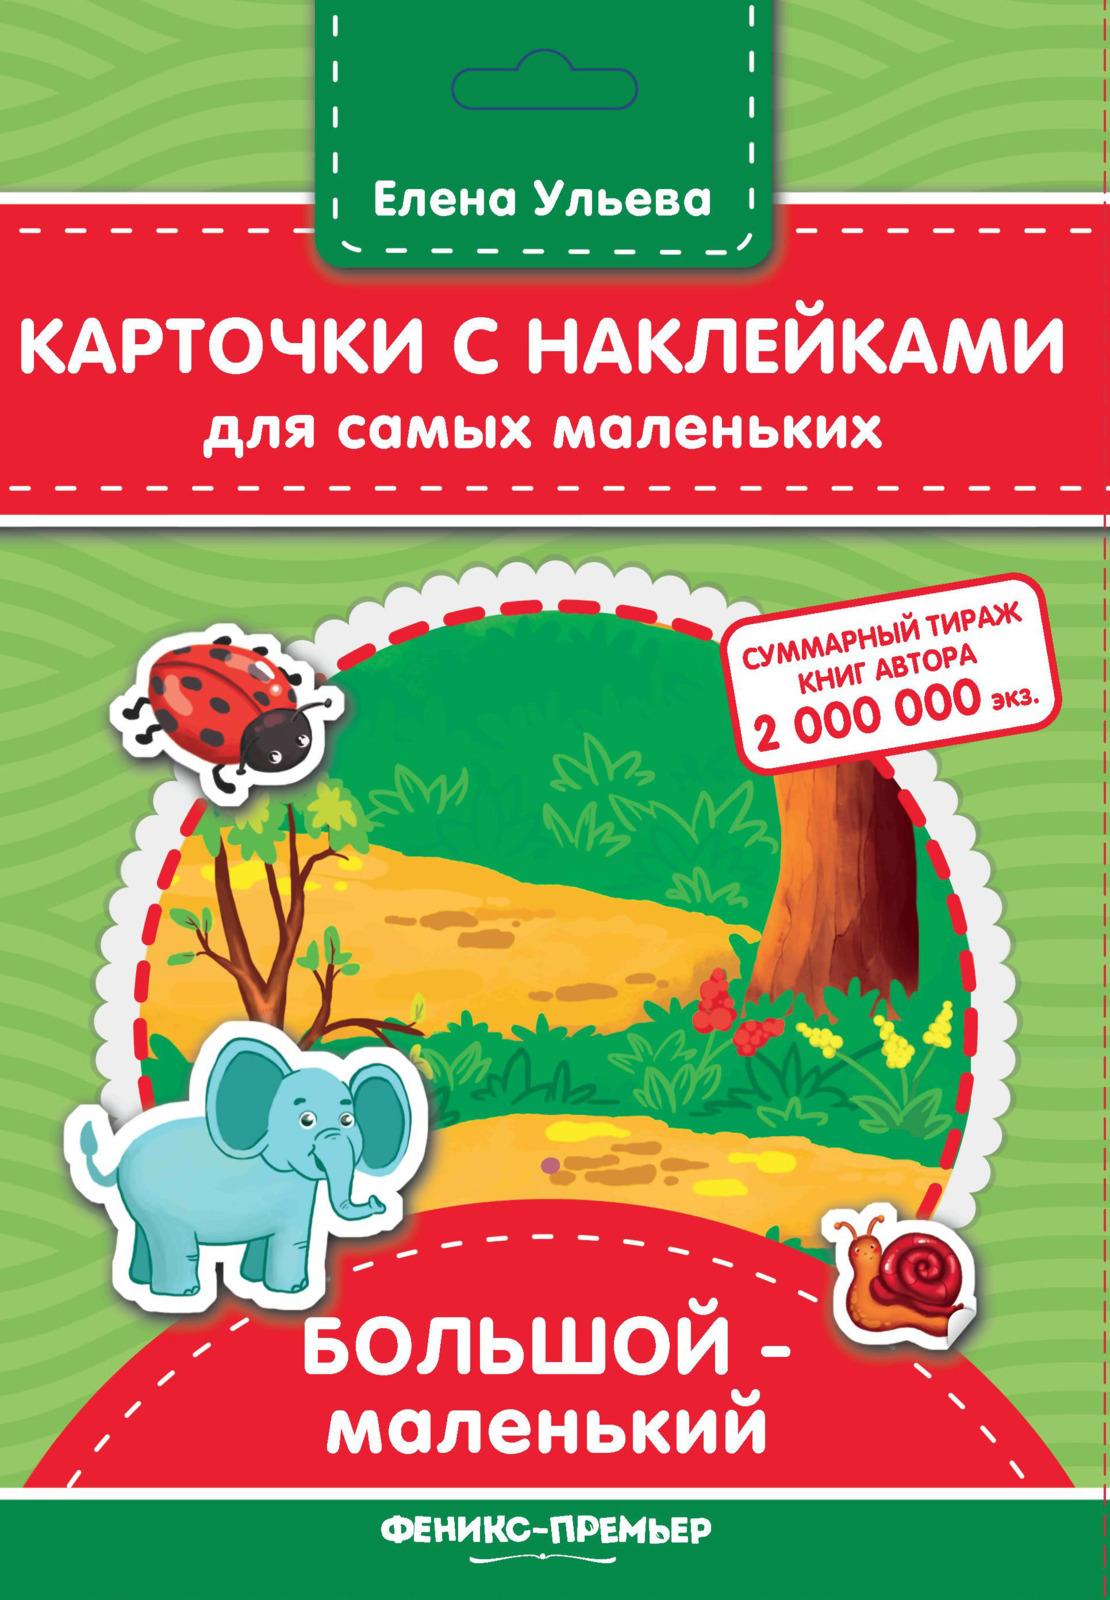 Е. Ульева Карточки с наклейками для самых маленьких. Большой-маленький лункина е карточки задания по формированию грамотности и скорости чтения у дошкольников